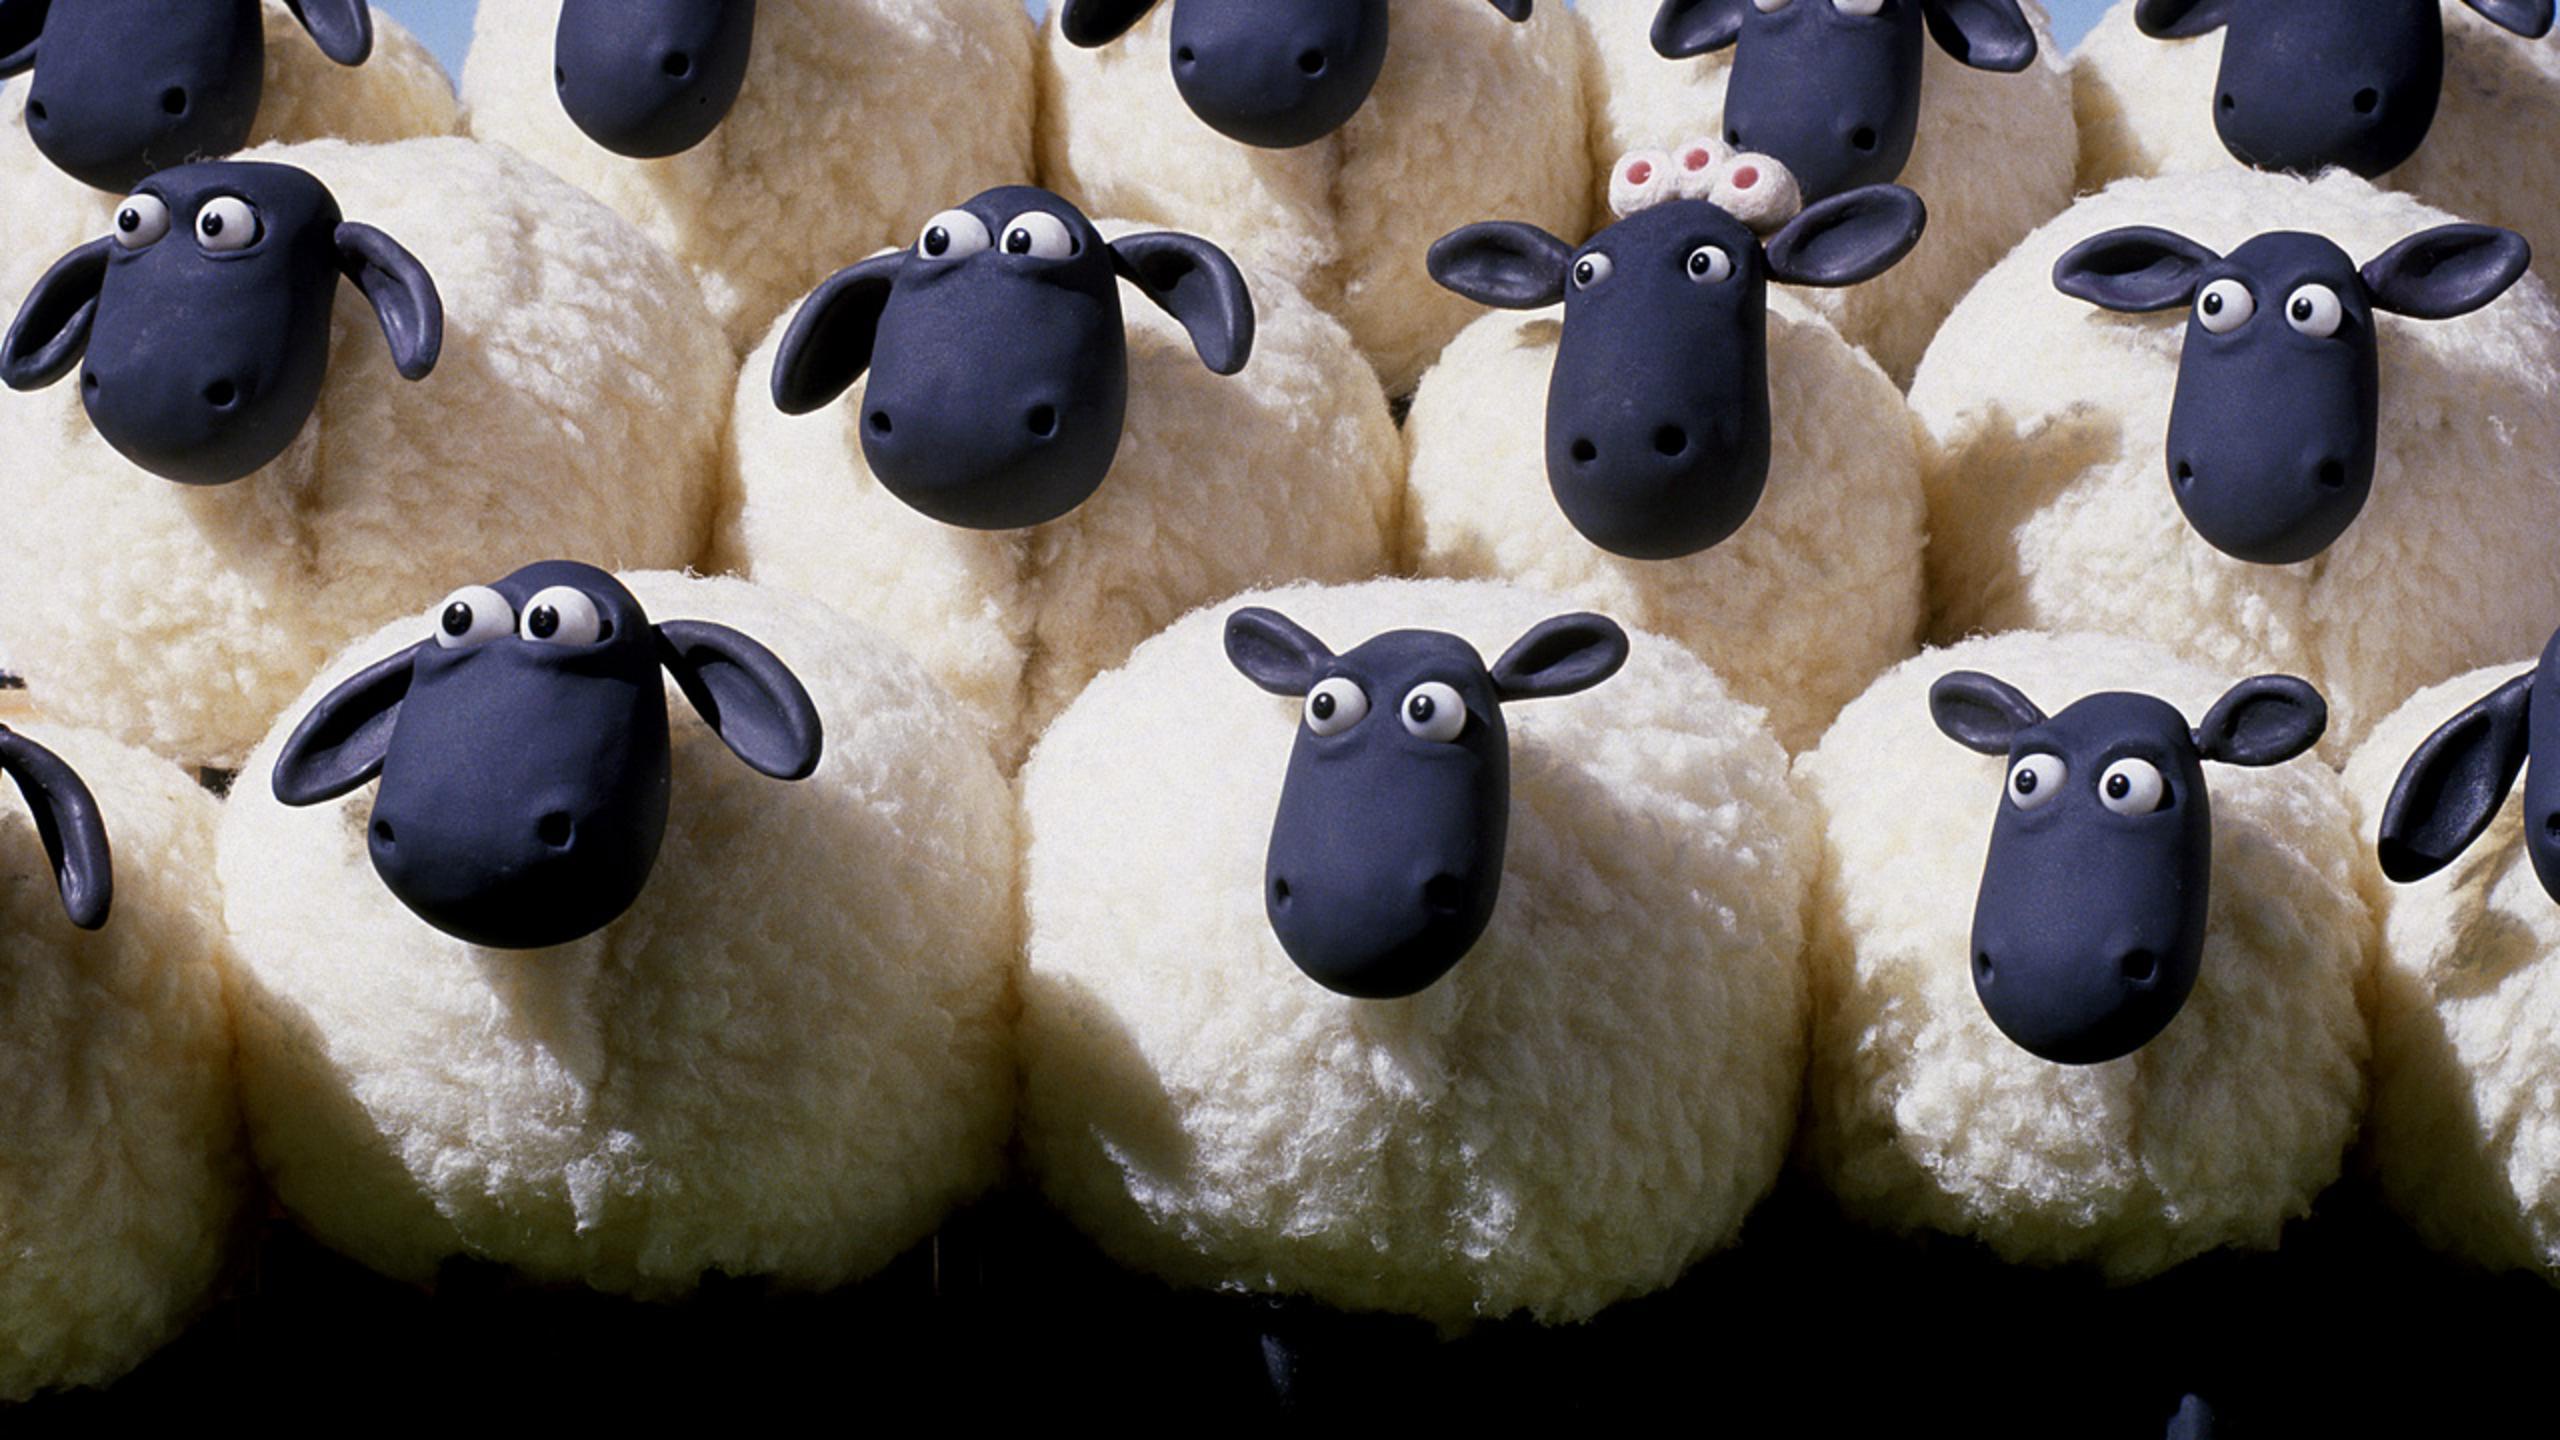 http://www.canardwifi.com/wp-content/cwuploads/Des-moutons-de-Panurge-qui-suivent-sans-r%C3%A9fl%C3%A9chir.jpg